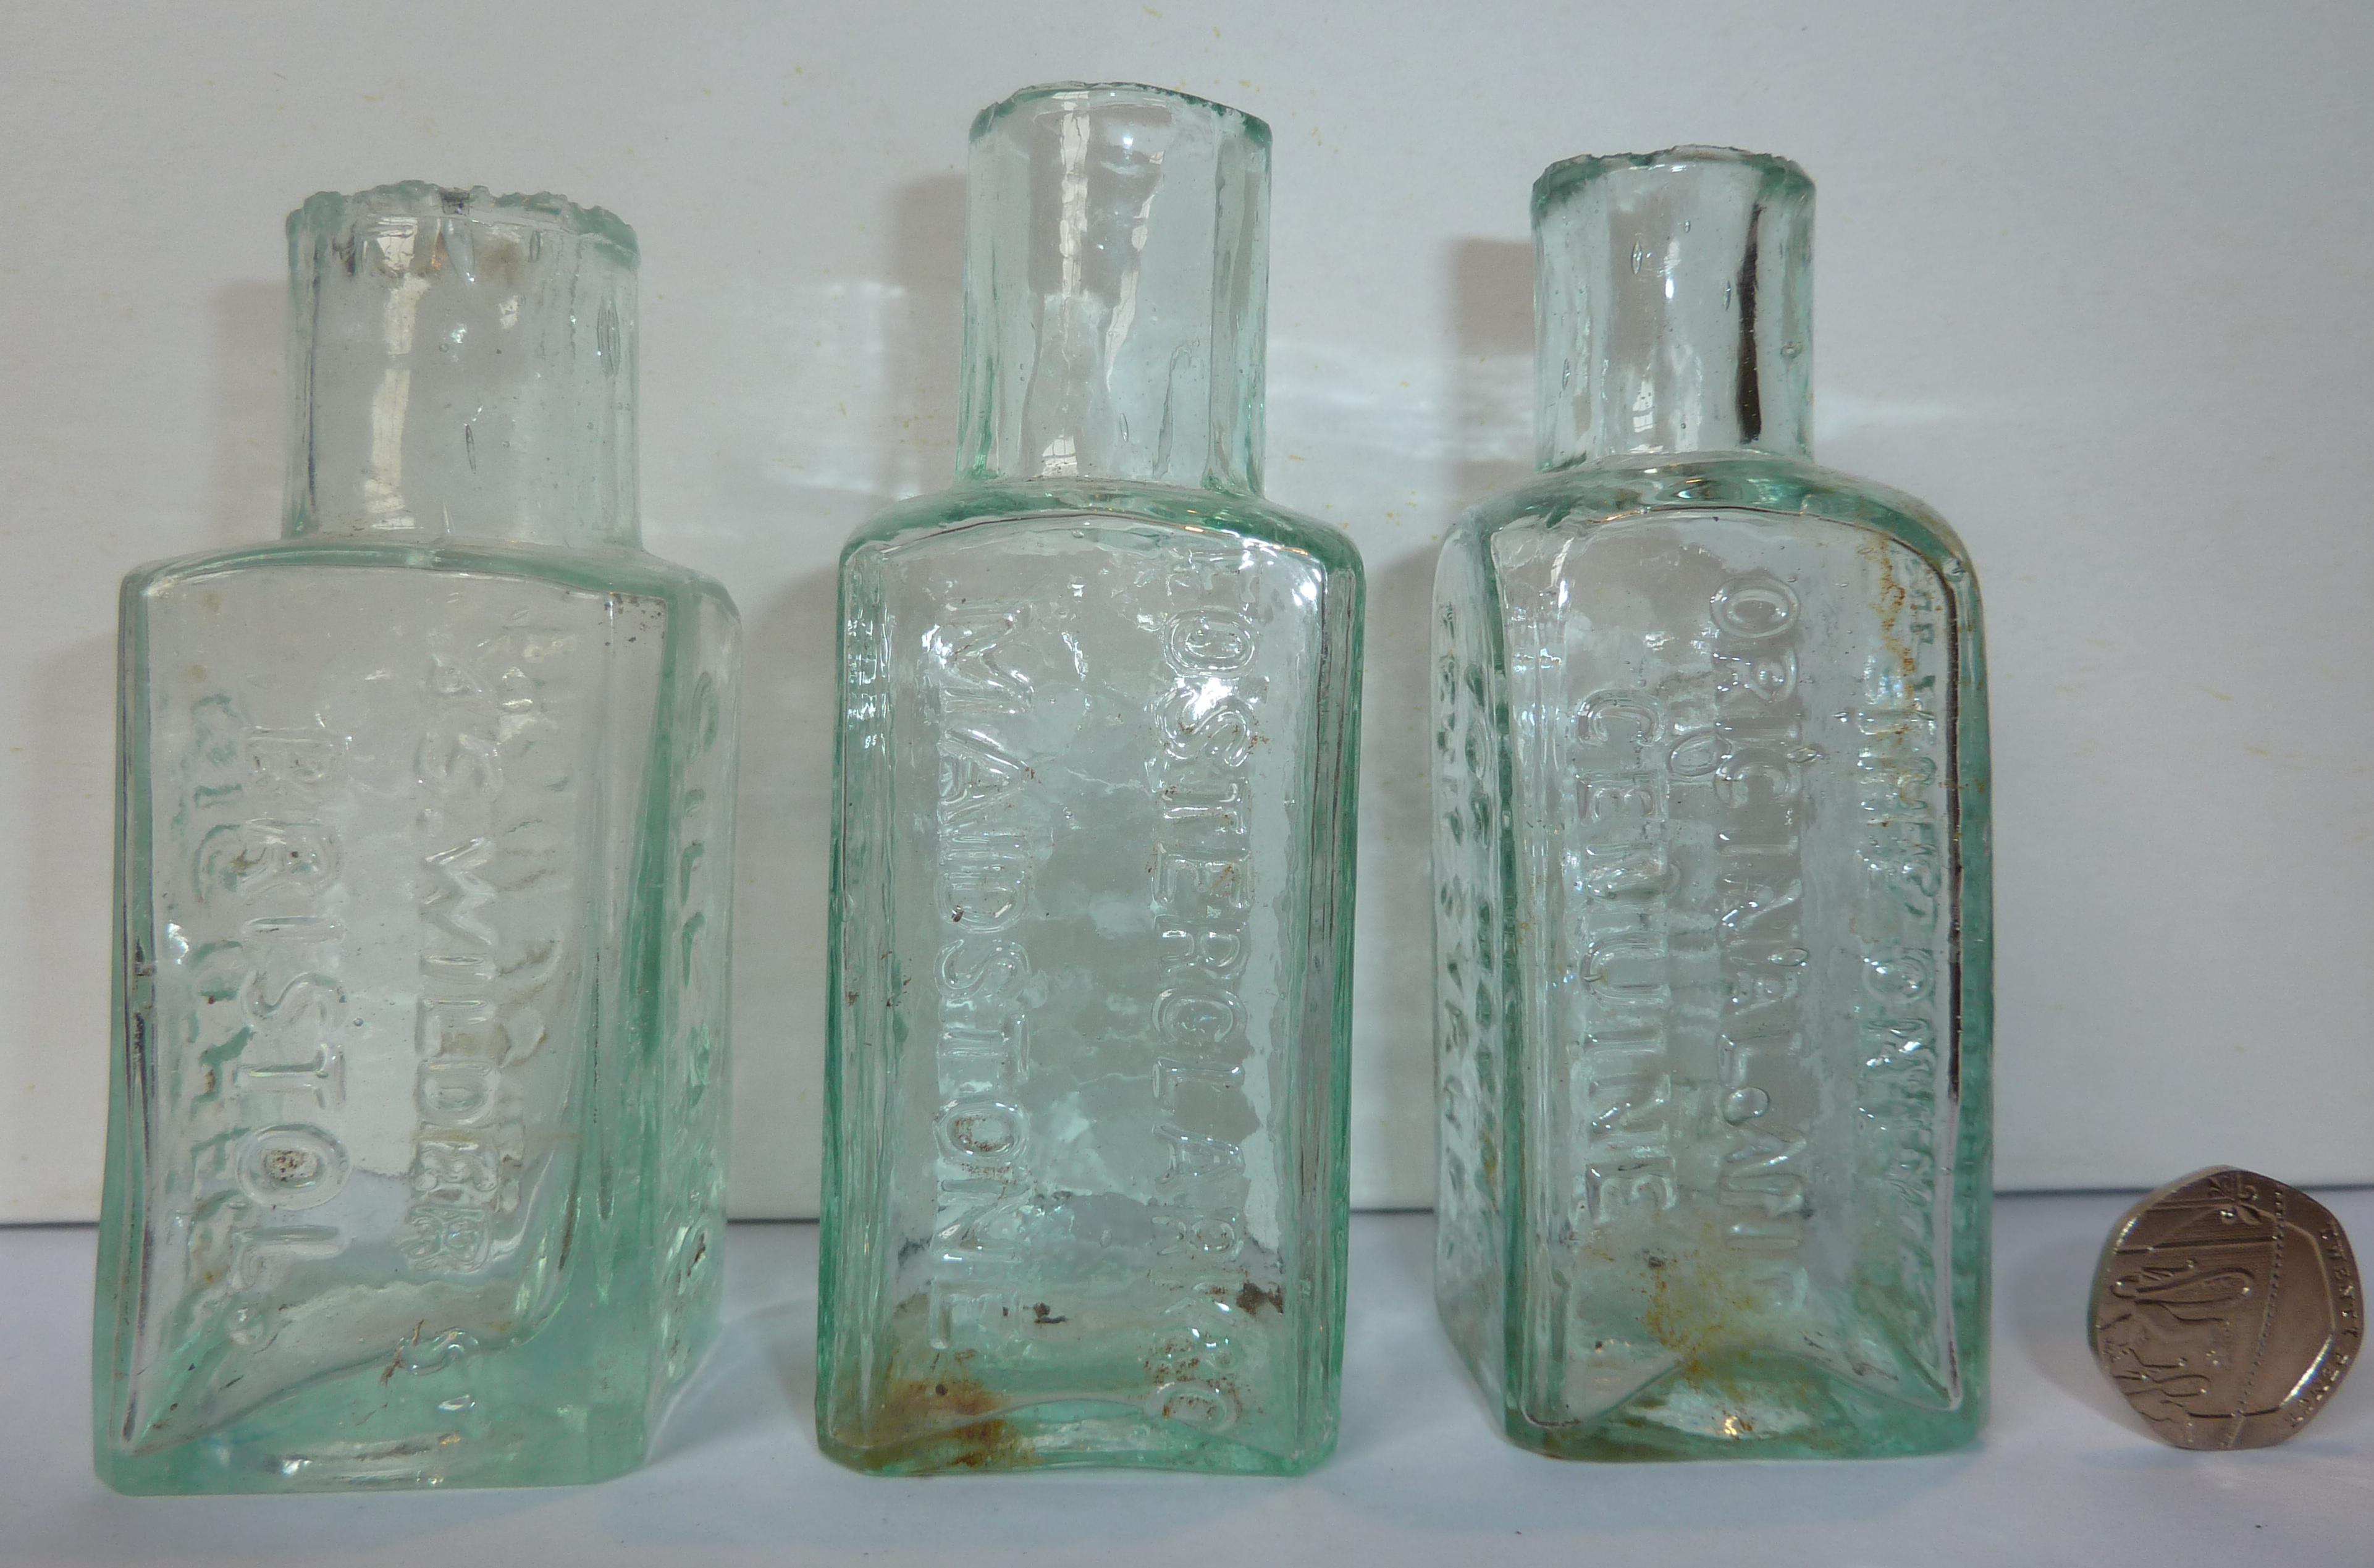 Fruit Juice Bottles